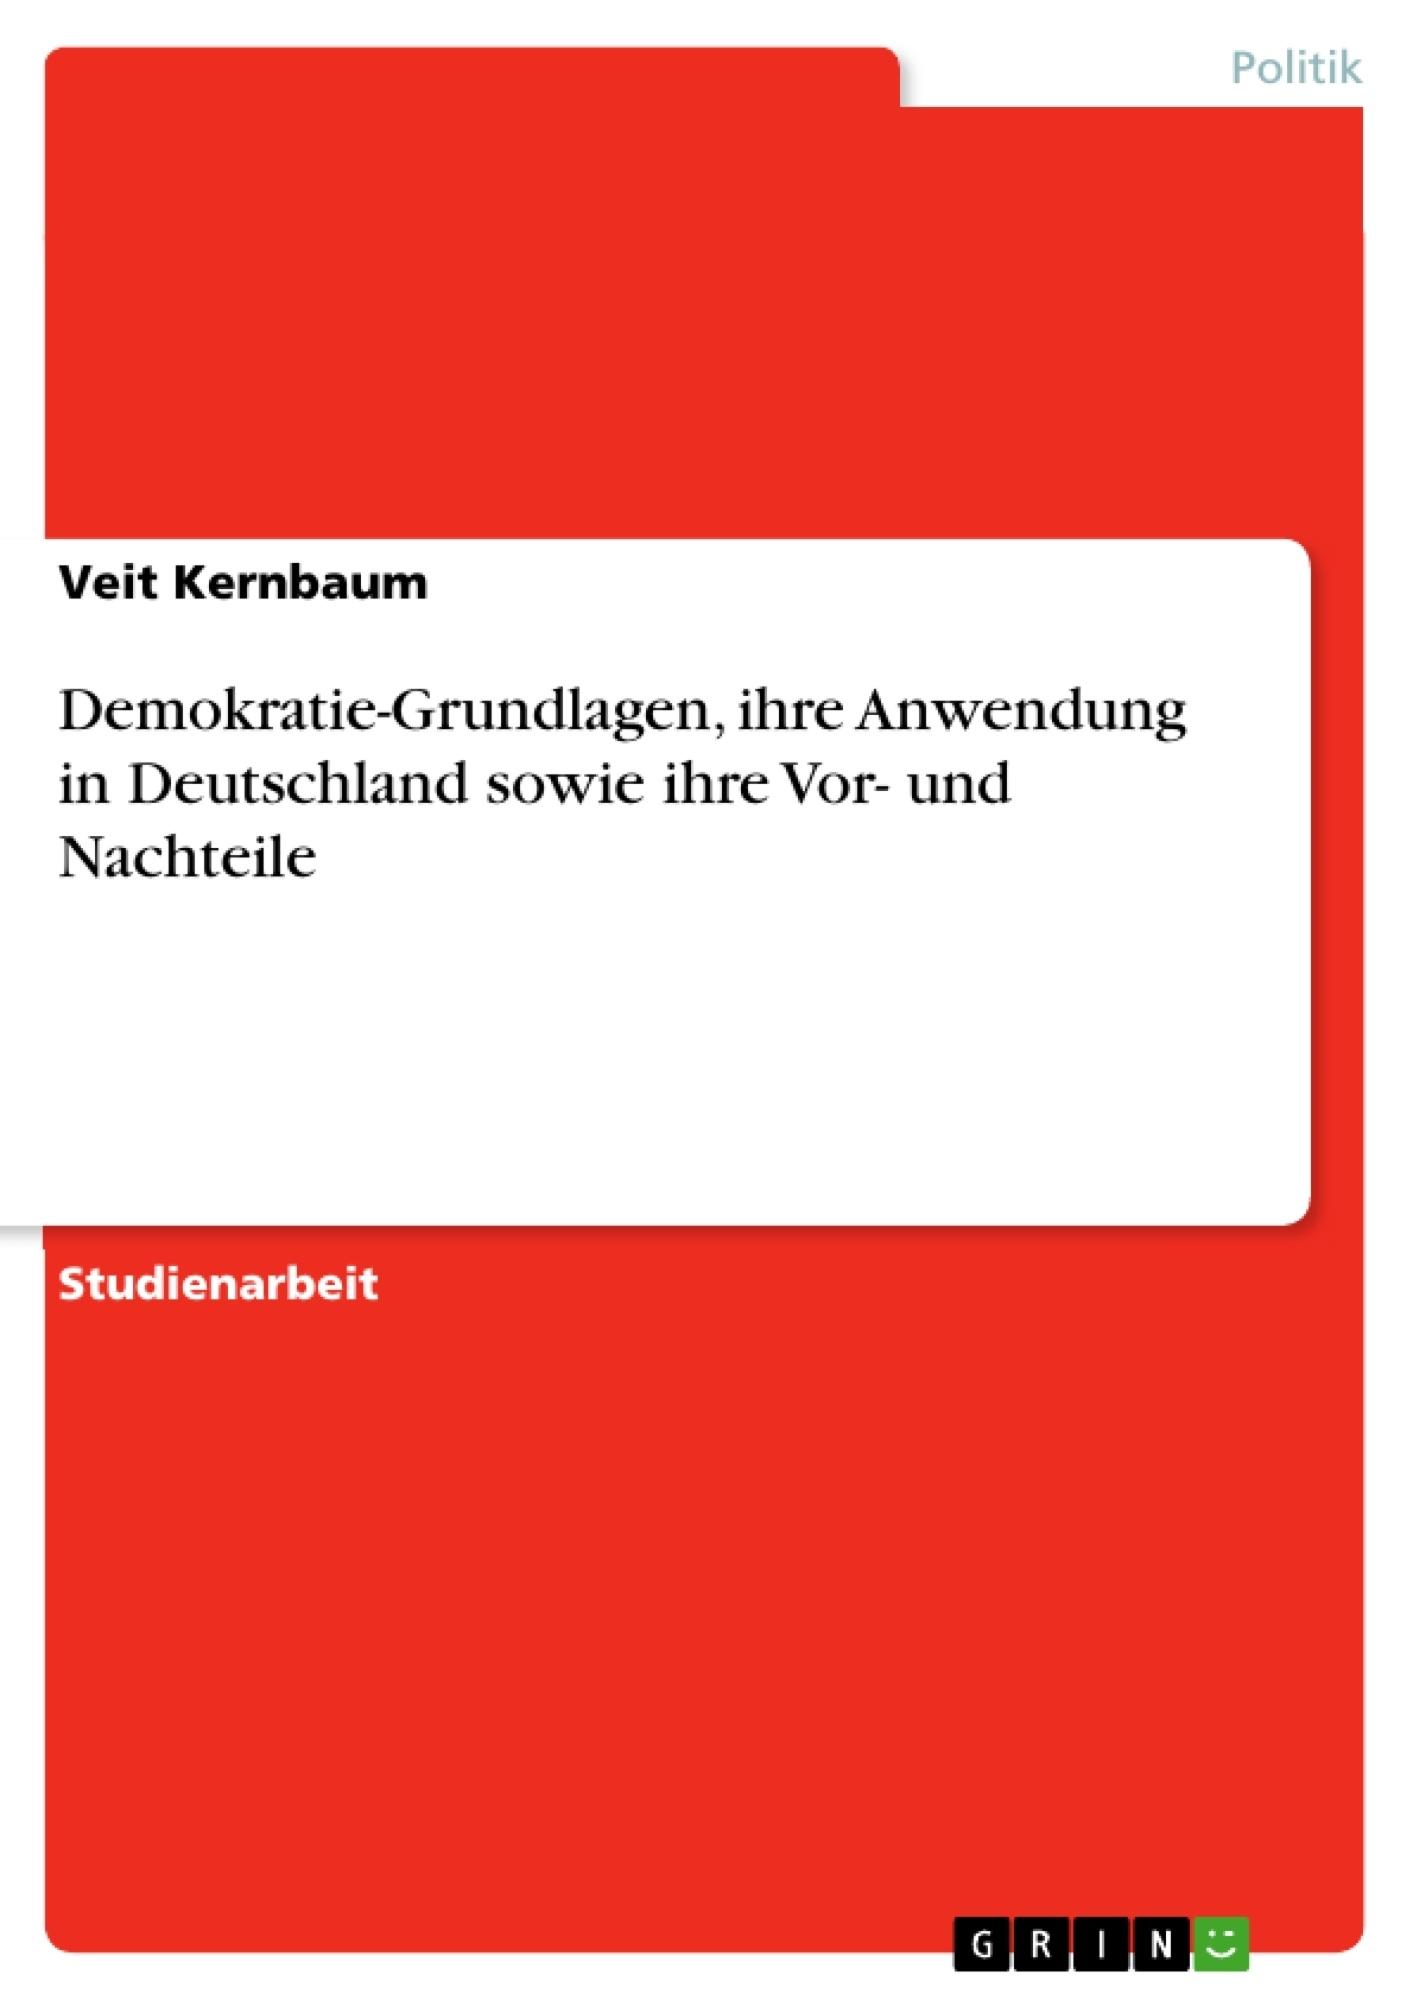 Titel: Demokratie-Grundlagen, ihre Anwendung in Deutschland sowie ihre Vor- und Nachteile